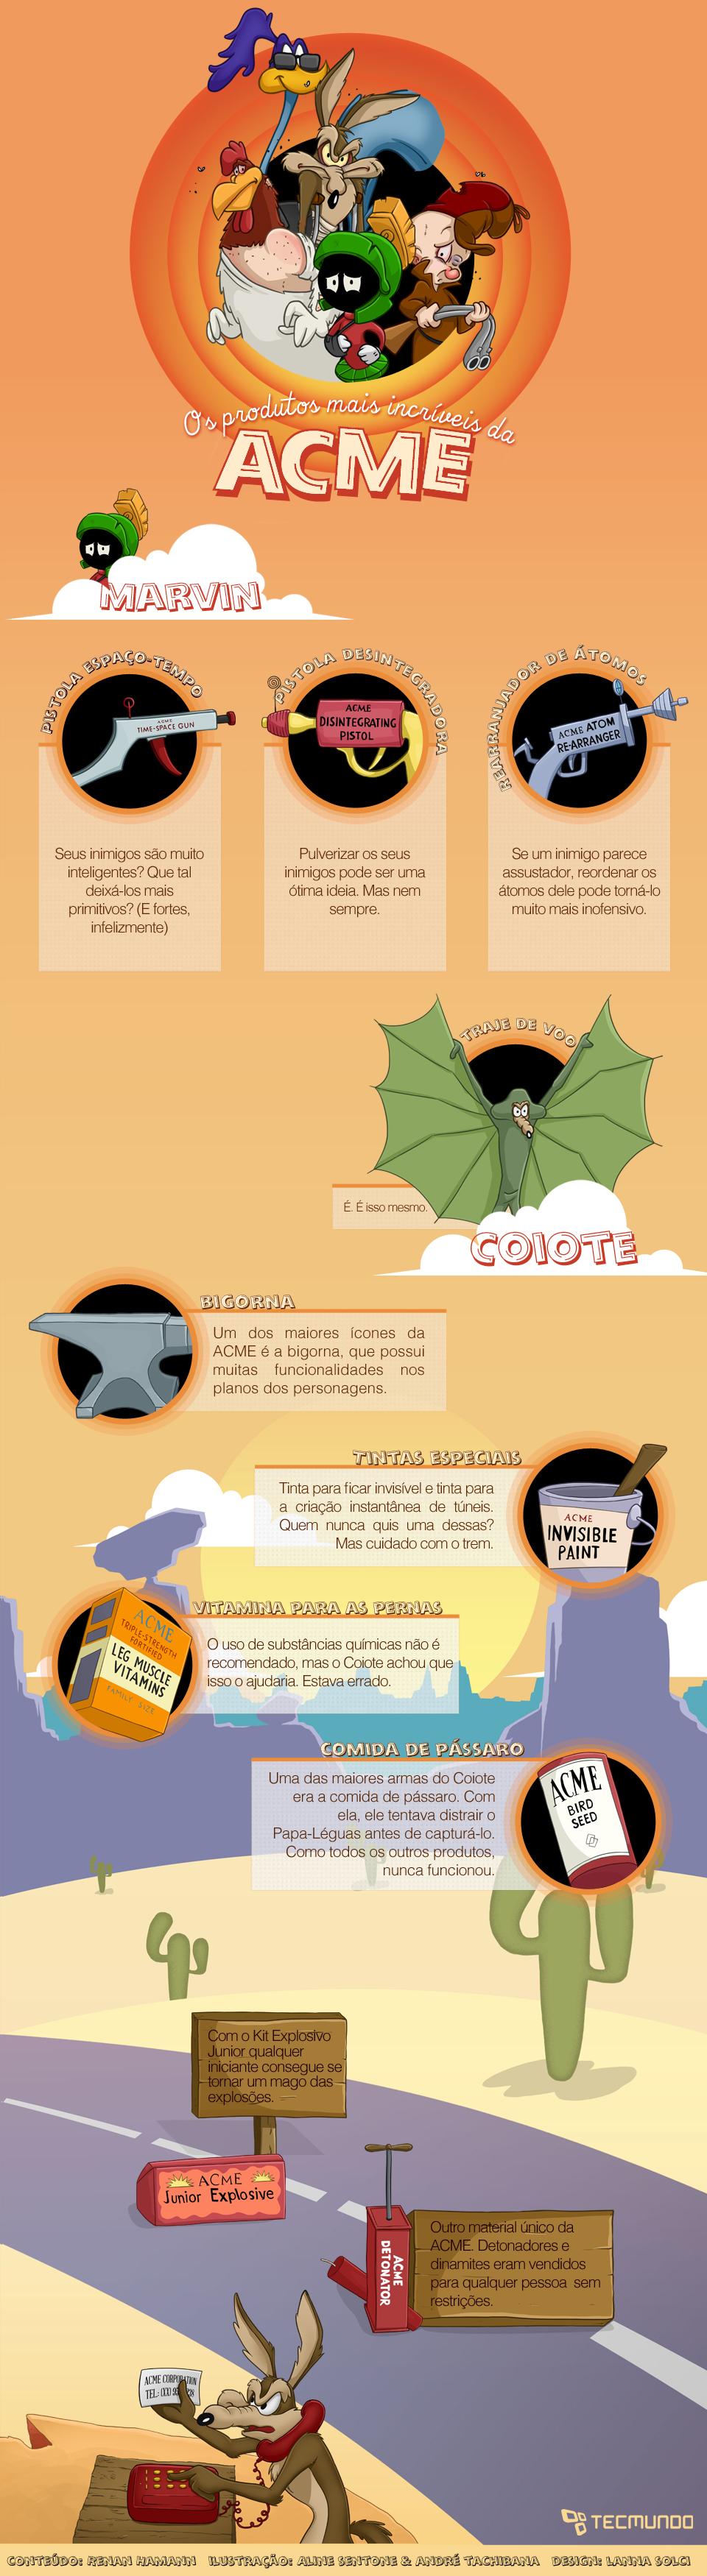 Os produtos mais incríveis da ACME [infográfico]